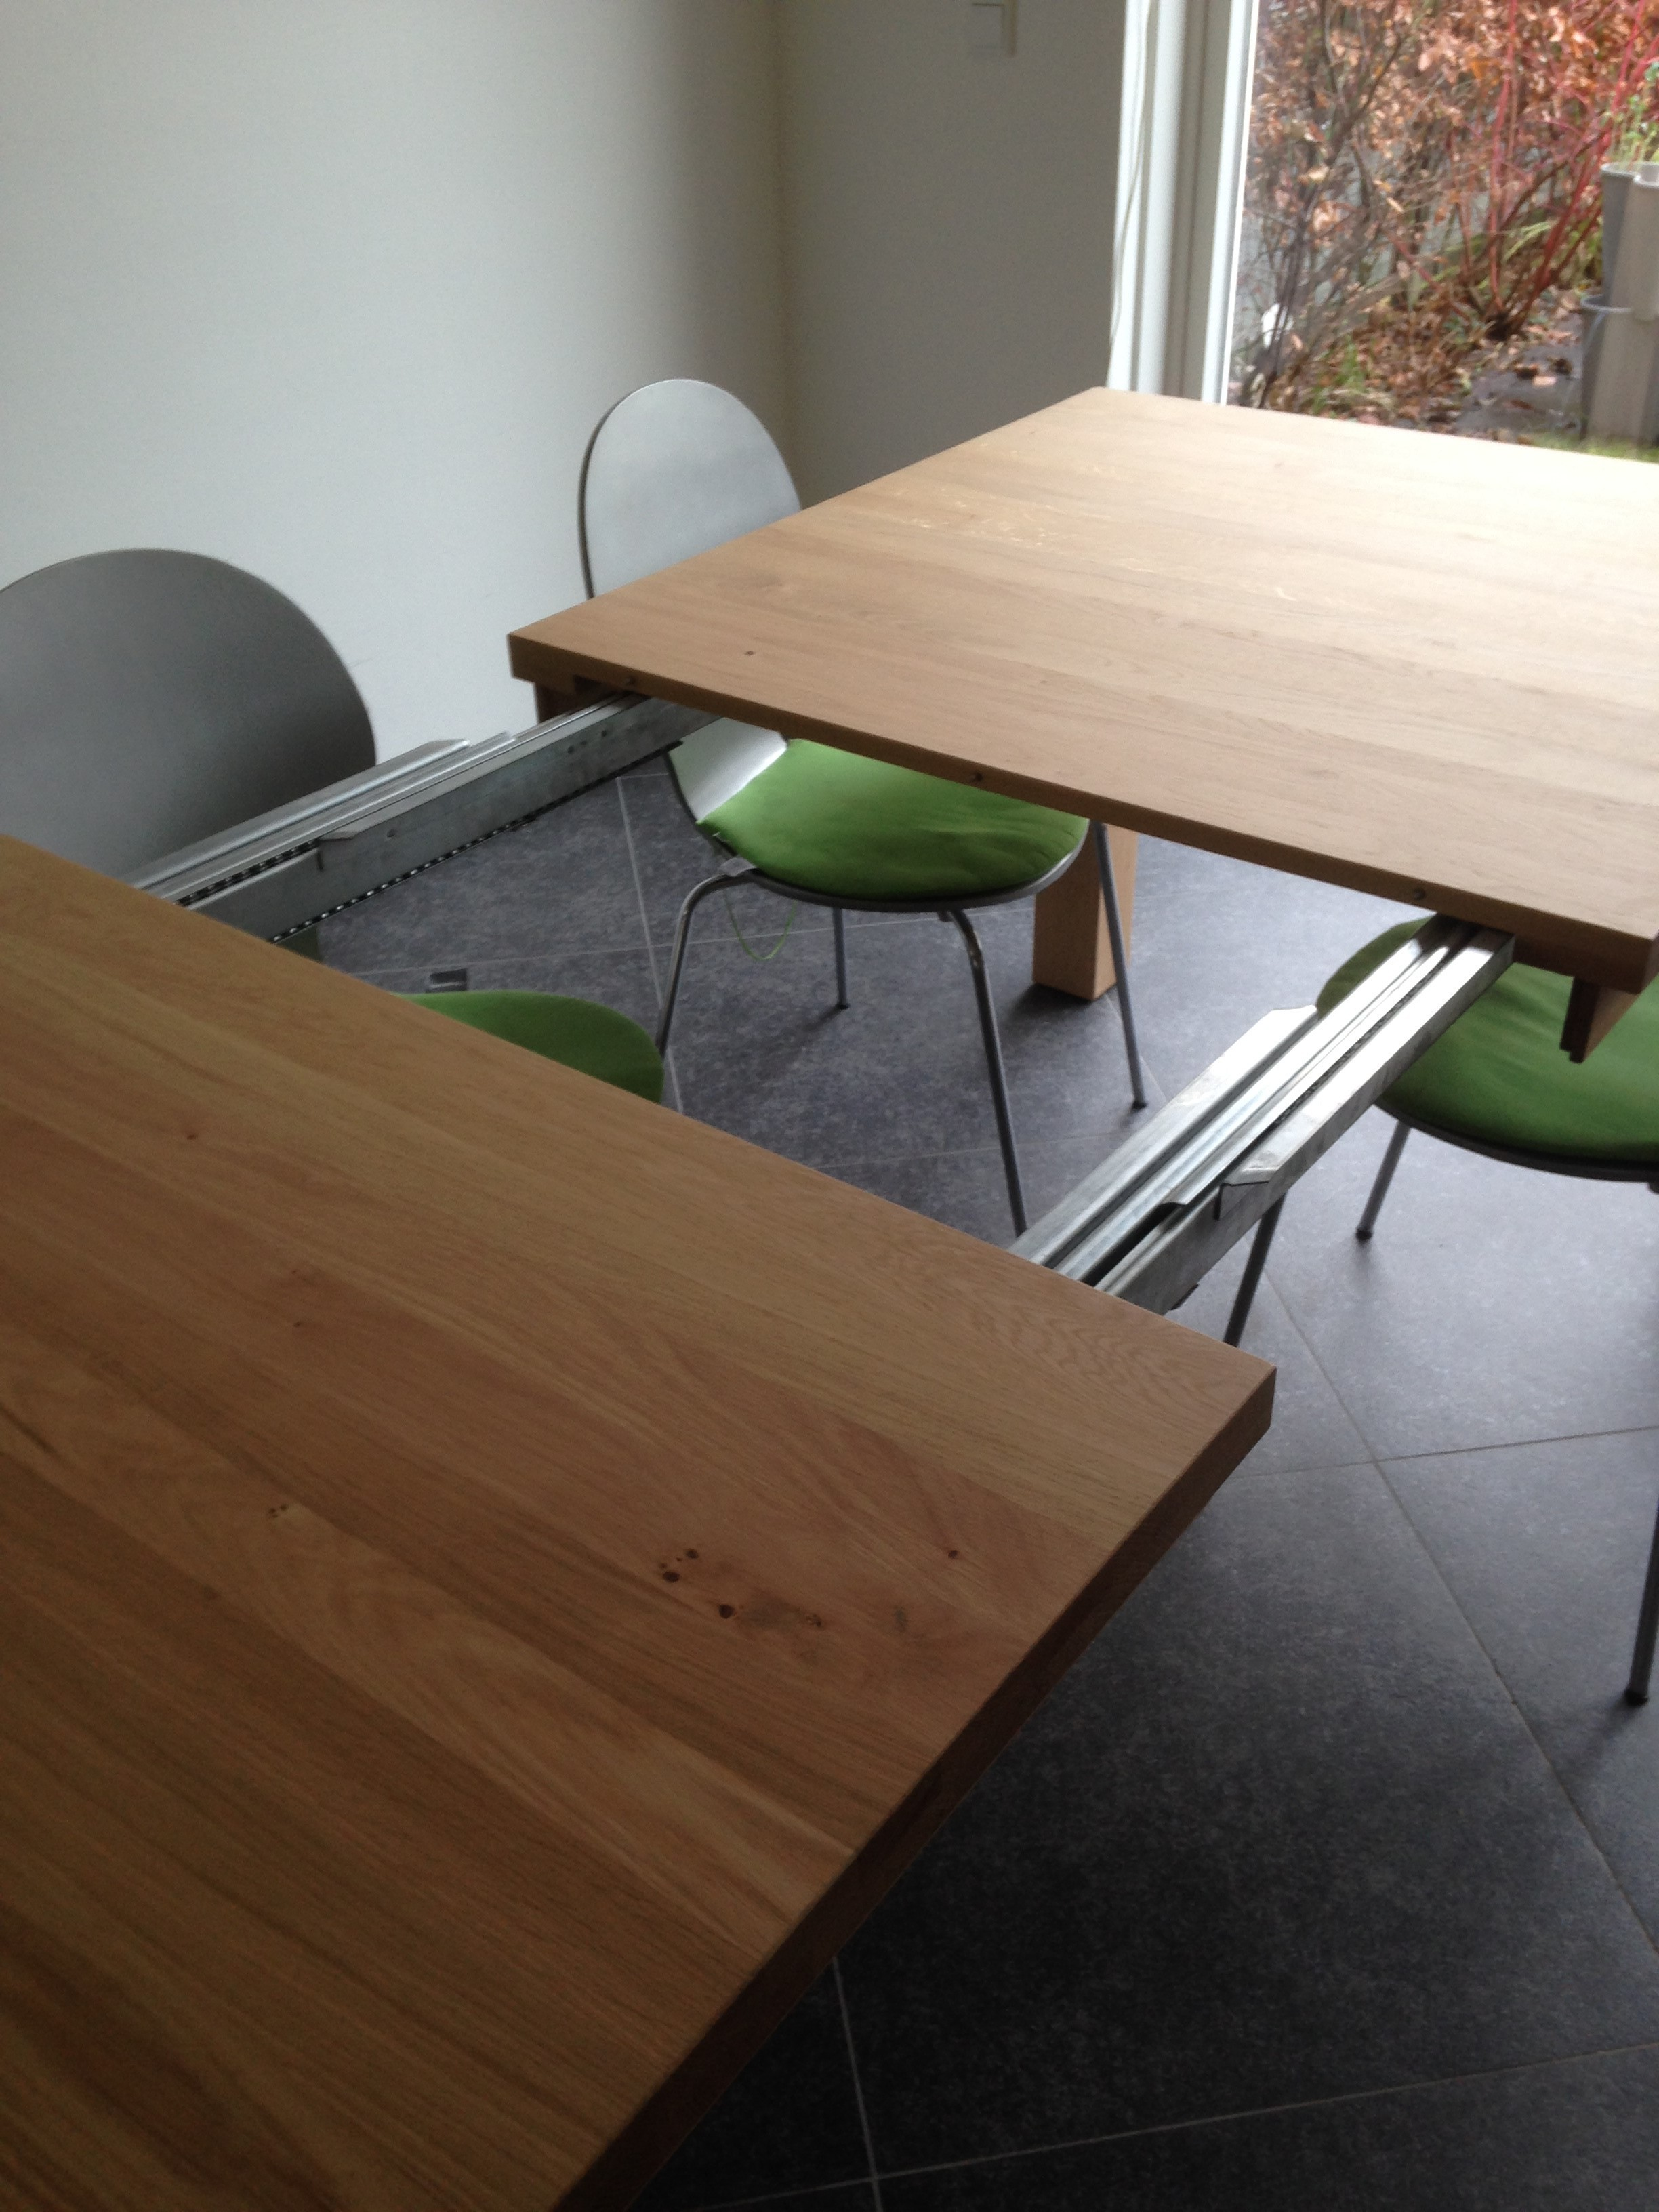 Hardhouten Uitschuifbare Eettafel.Hardhouten Tuintafel Uitschuifbaar